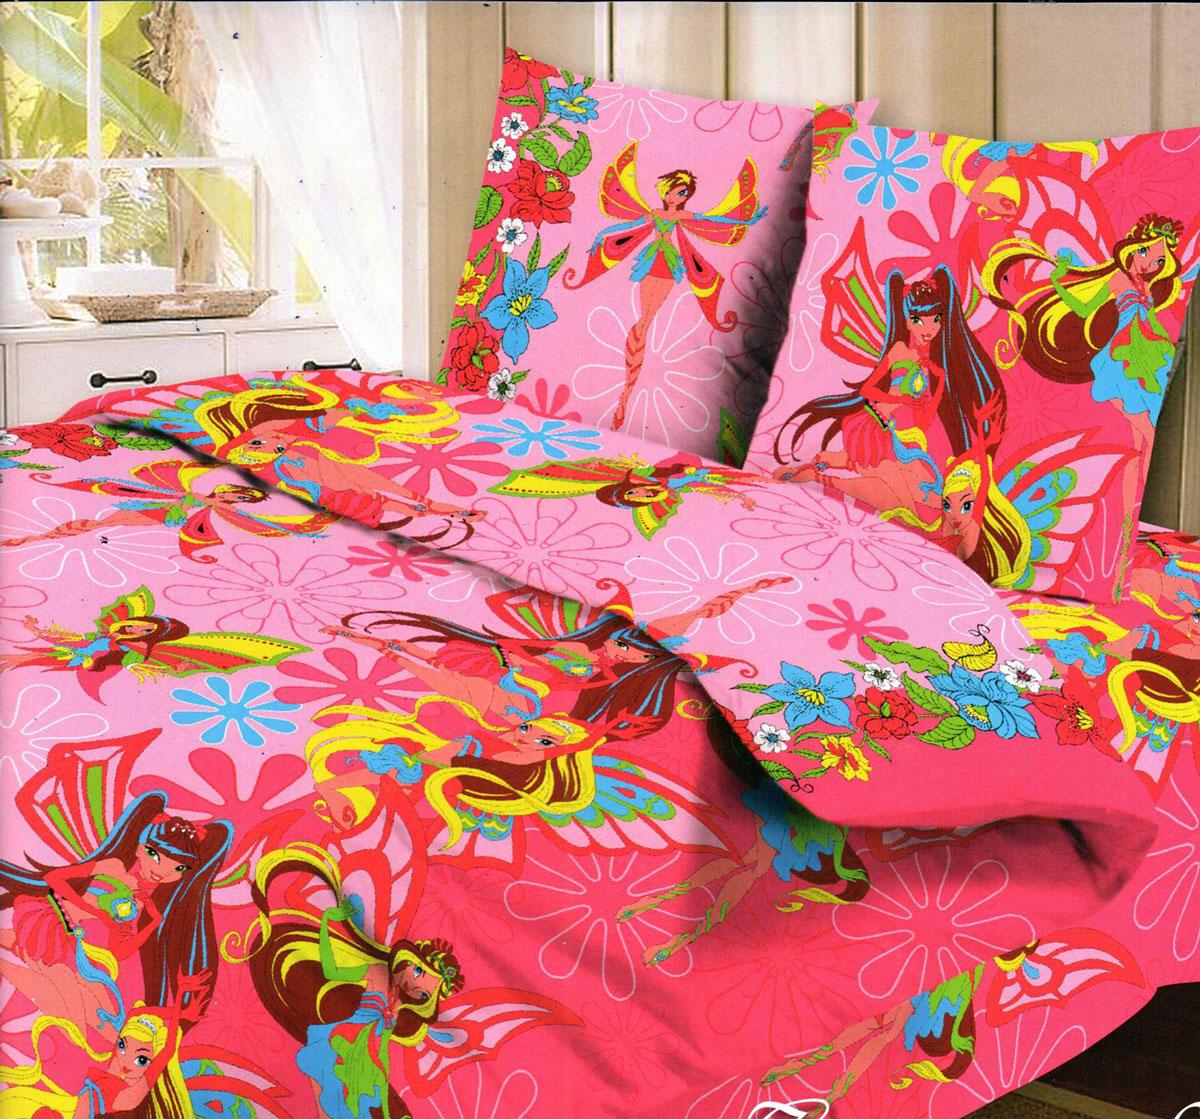 Letto Комплект детского постельного белья Фея цвет розовыйfairy_rose-50Комплект детского постельного белья Letto Фея, состоящий из наволочки, простыни и пододеяльника, выполнен из натурального 100% хлопка. Комплект оформлен изображениями волшебных фей и яркими цветами. Хлопок - это натуральный материал, который не раздражает даже самую нежную и чувствительную кожу малыша, не вызывает аллергии и хорошо вентилируется. Такой комплект идеально подойдет для кроватки вашей малышки. На нем ребенок будет спать здоровым и крепким сном.